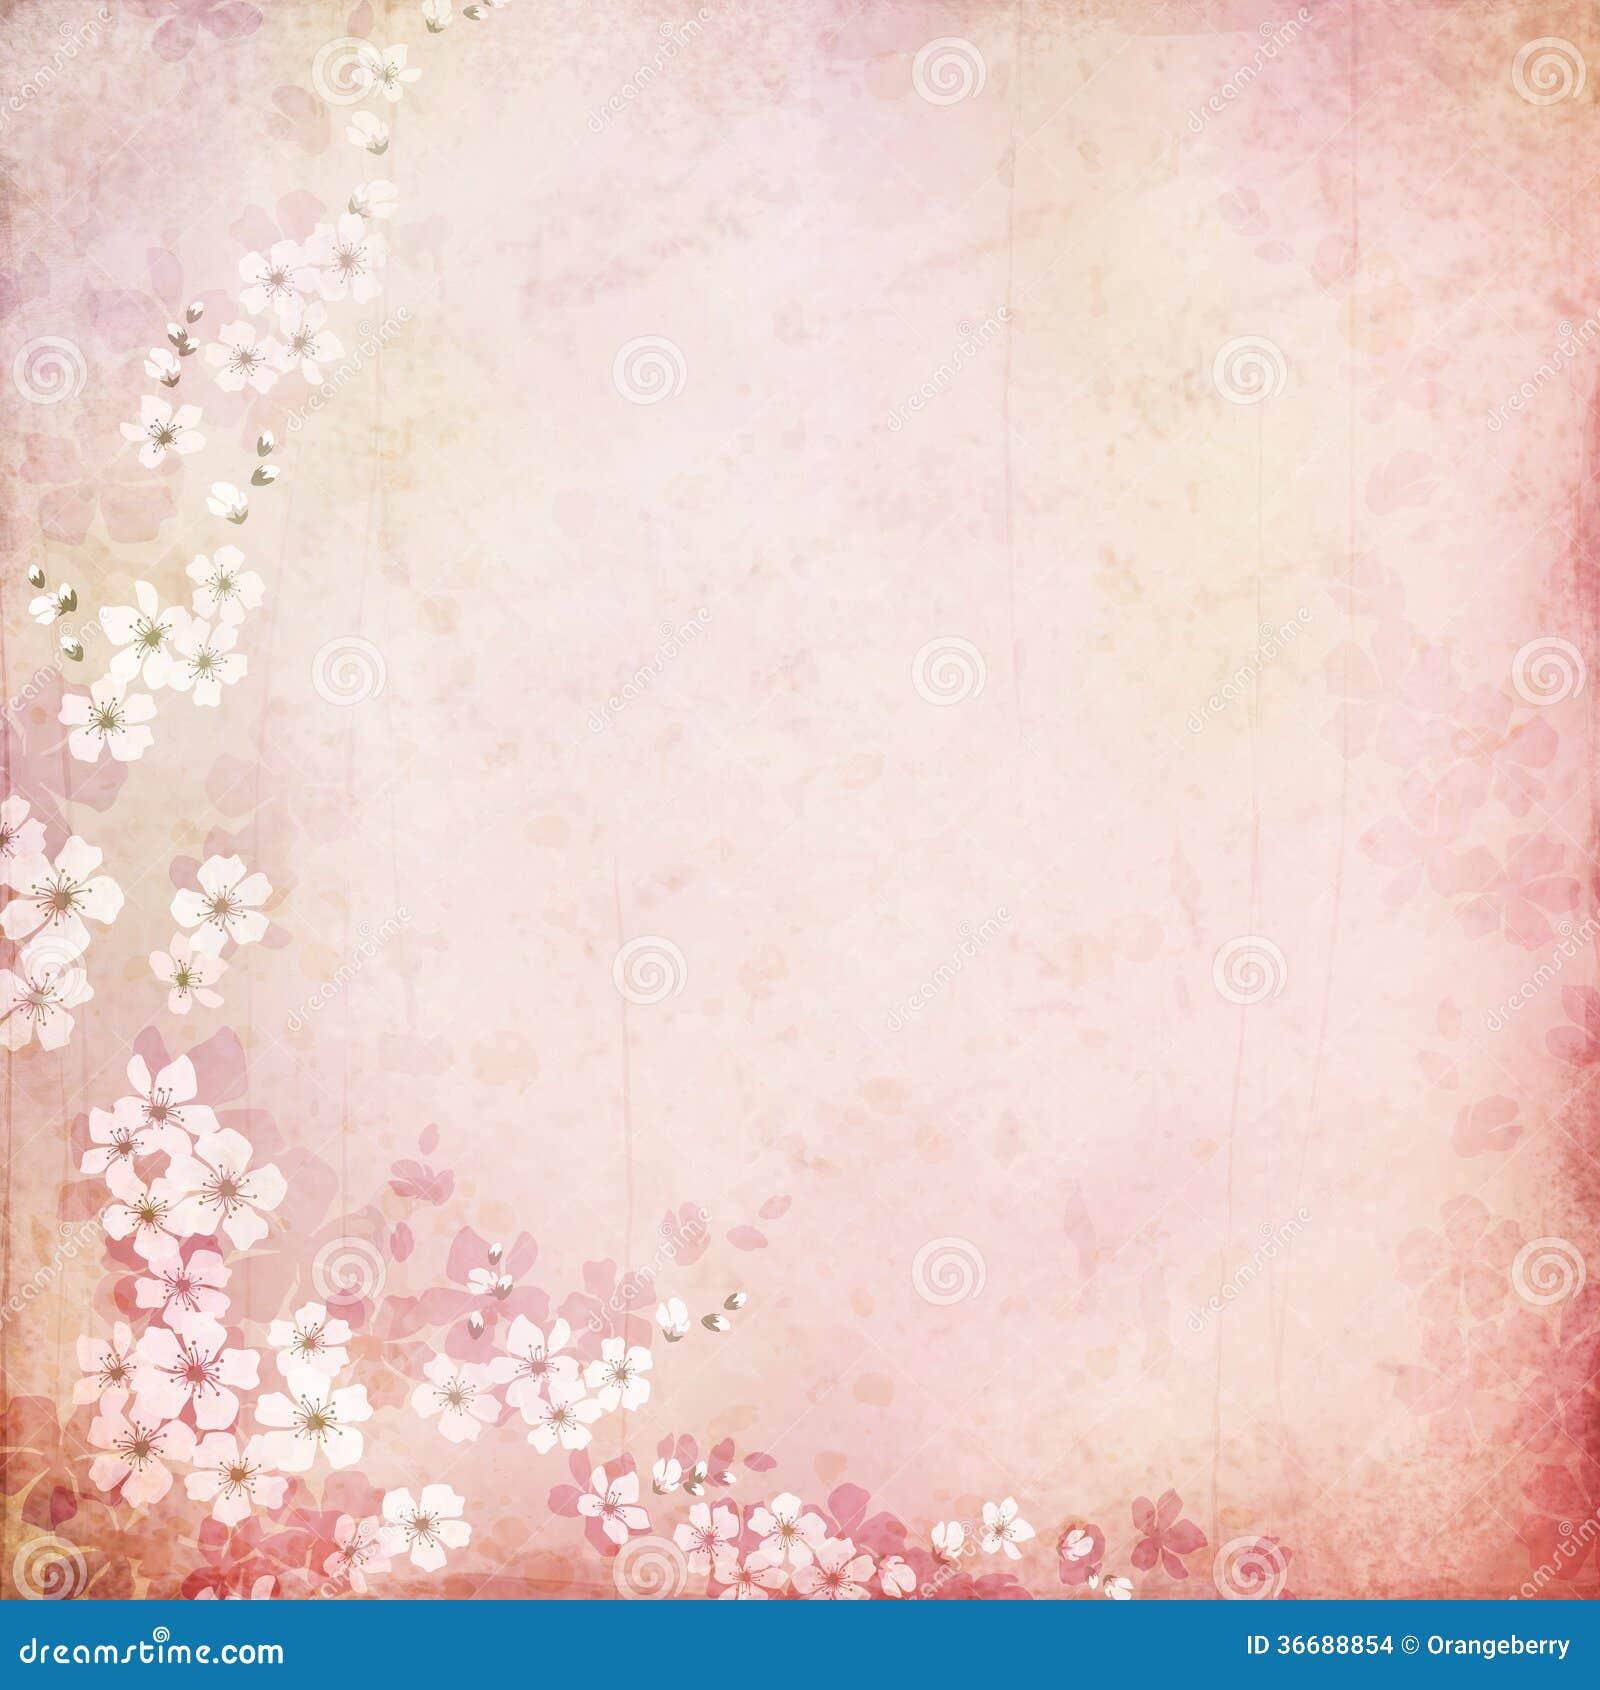 wallpaper dusty pink